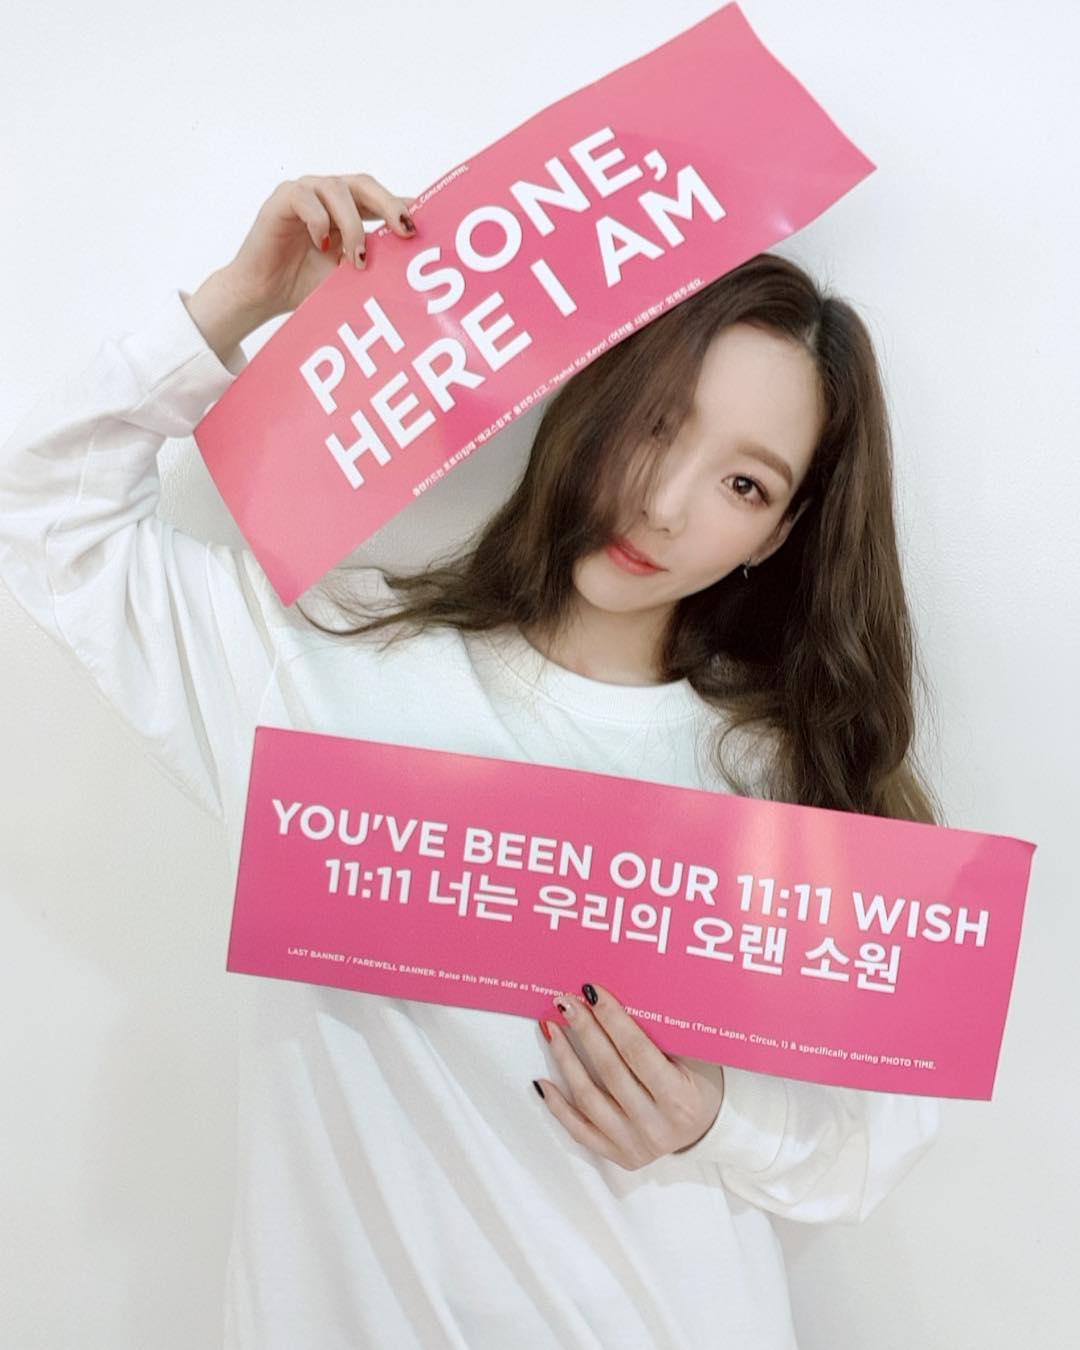 """[分享]181215 """"身心遭受冲击和伤痛"""" 泰妍演唱会遭遇舞台事故后对菲律宾粉丝表达抱歉和感谢"""